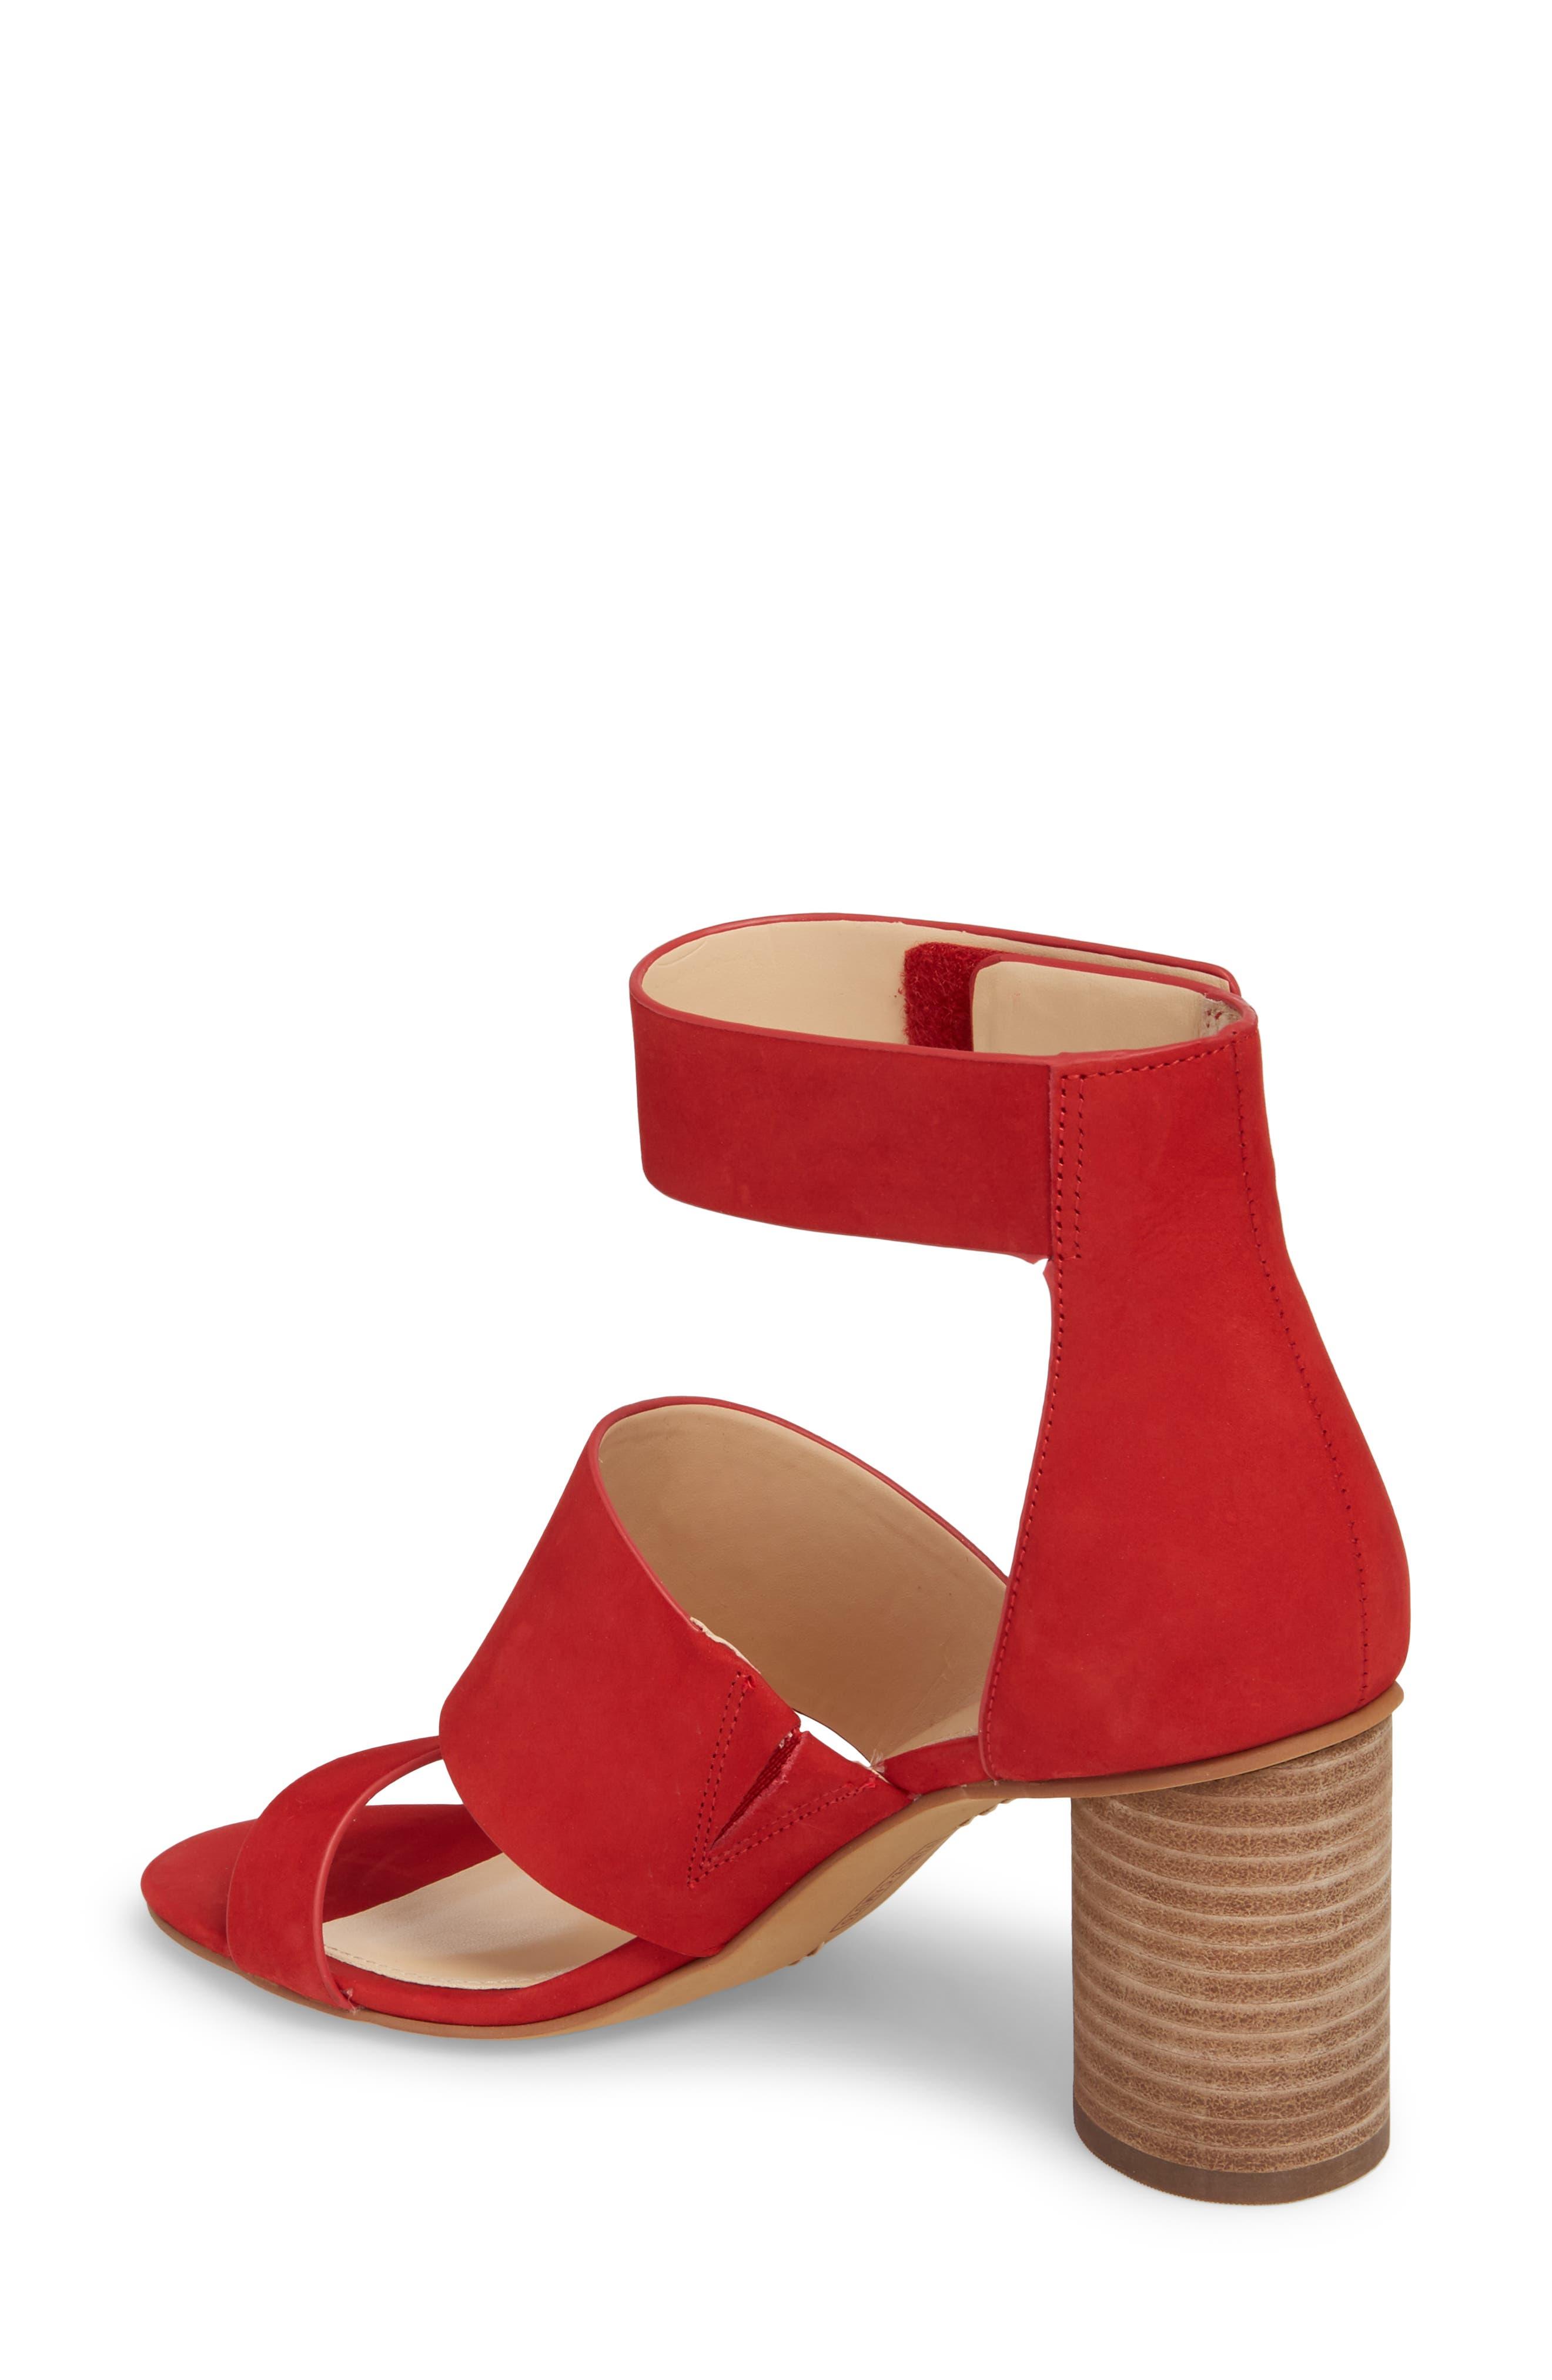 Junette Sandal,                             Alternate thumbnail 2, color,                             Cherry Red Leather